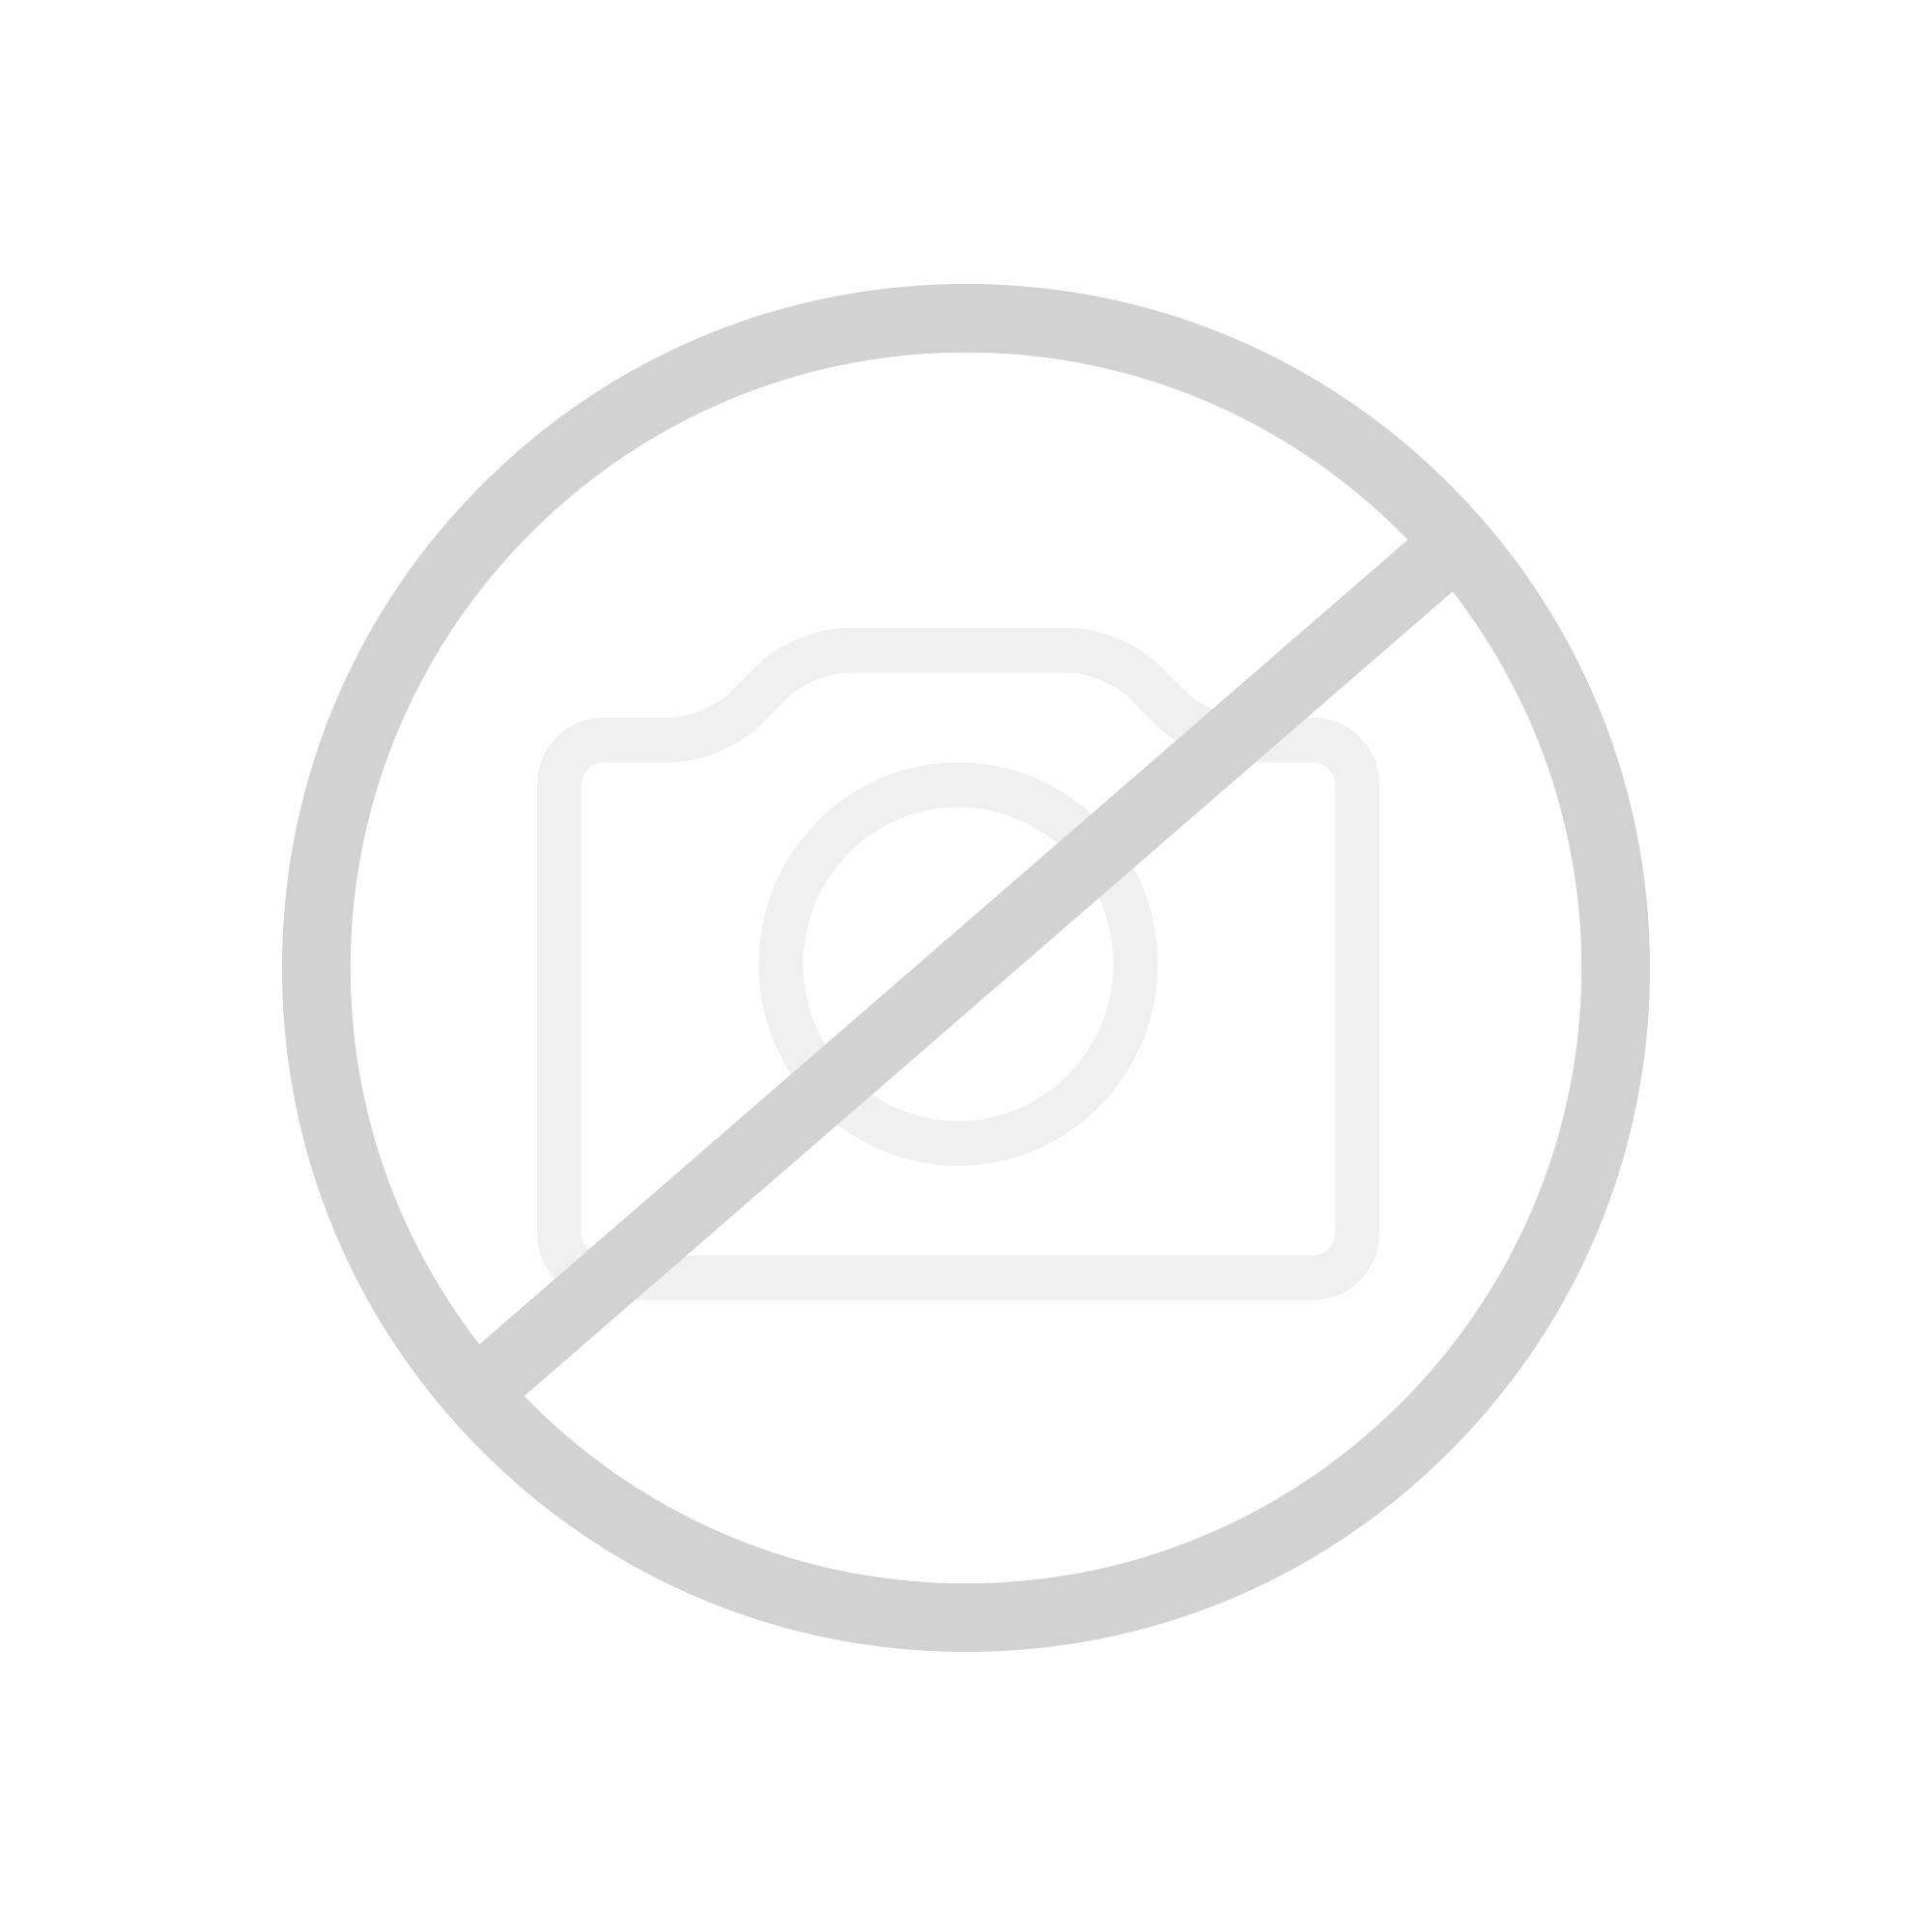 Hansa Hansapublic Waschtisch-Einhand-Wandbatterie, Ausladung 225 mm, Auslauf Ø 19 mm